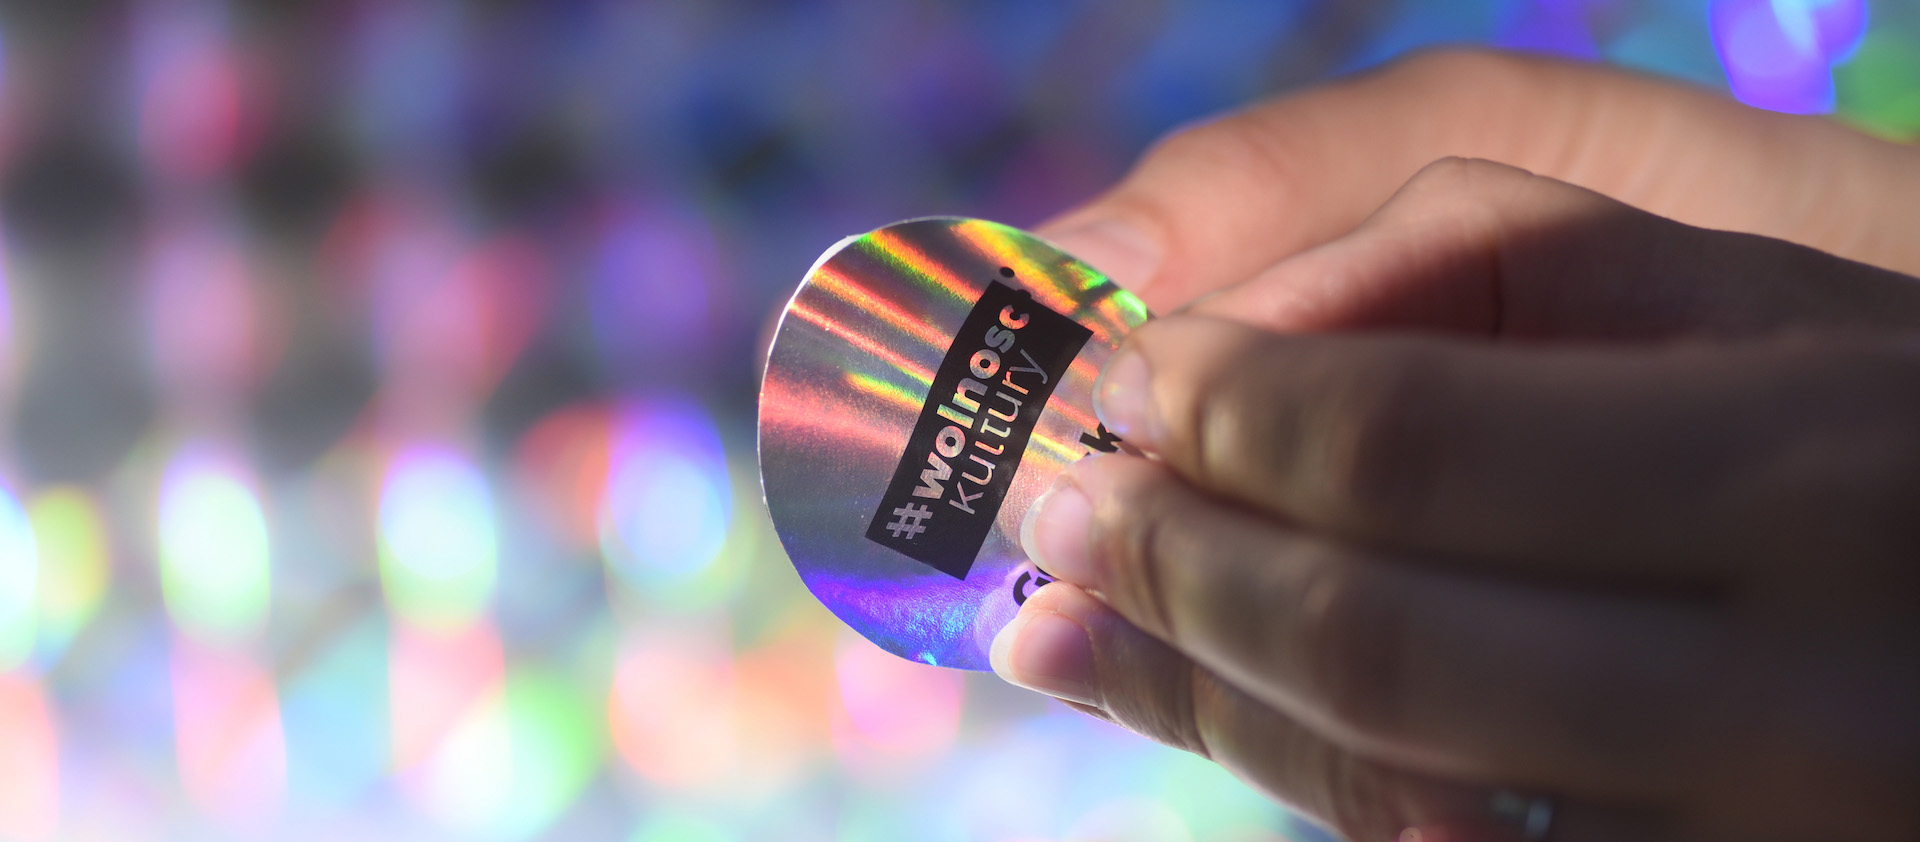 projekt naklejka holograficzna Spectro Gdańsk studio